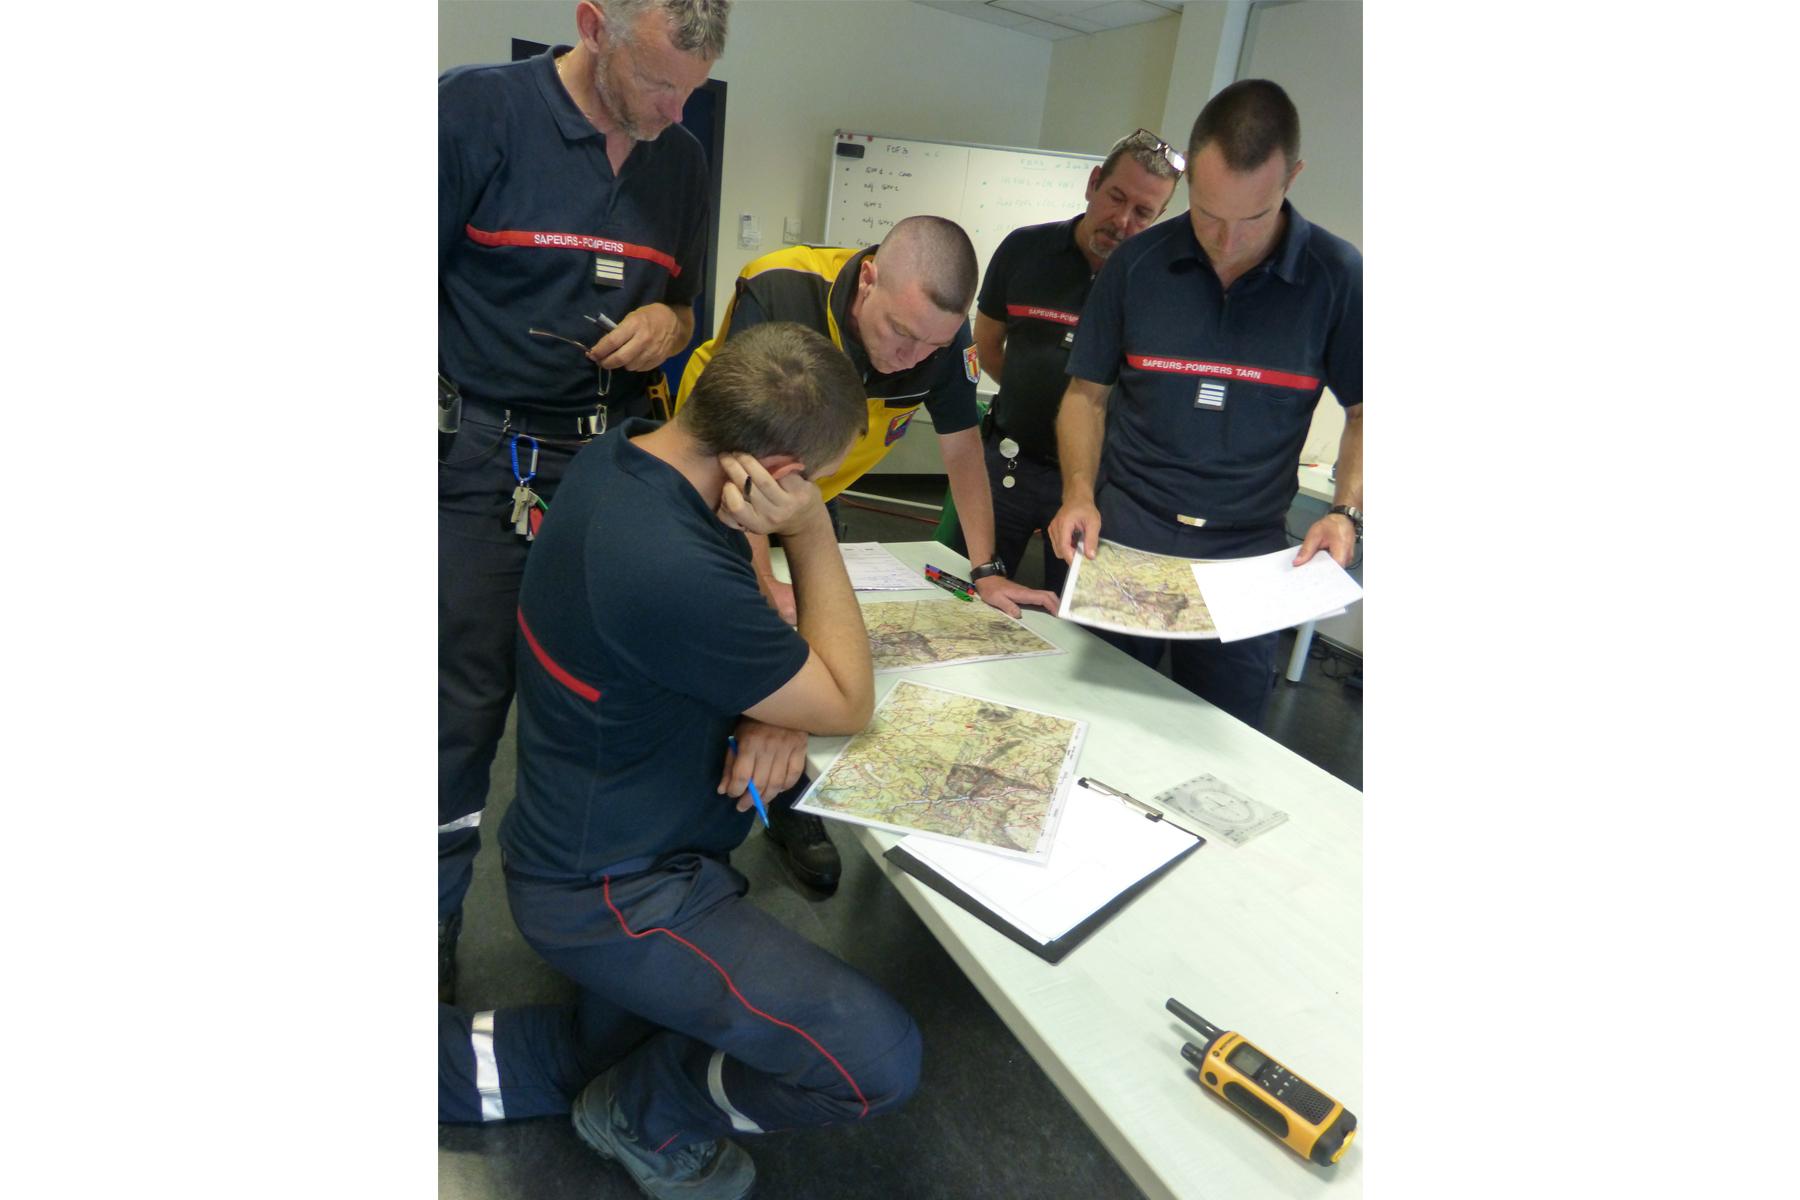 Les sapeurs-pompiers du Tarn se forment aux risques Feux de Forêts grâce à un simulateur